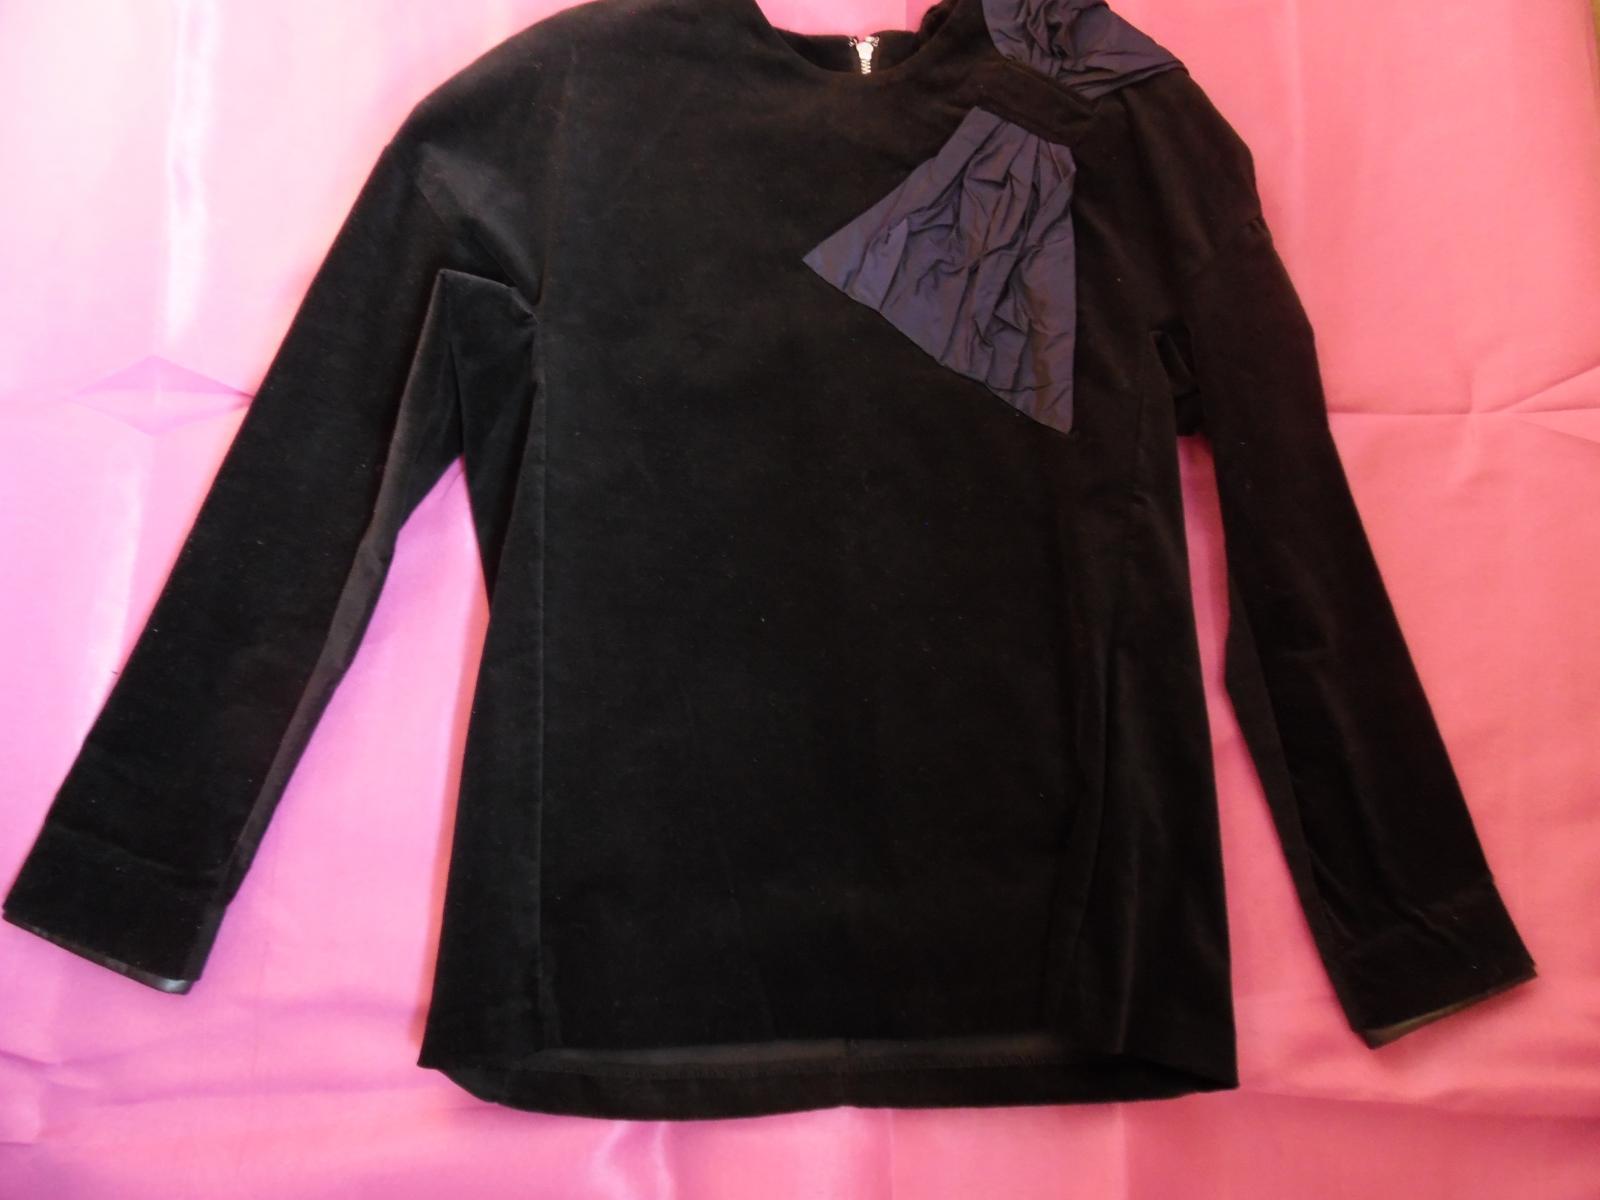 5ee3d509c784 Распродажа брендовой и дизайнерской одежды р-р XS-S - Одежда и ...